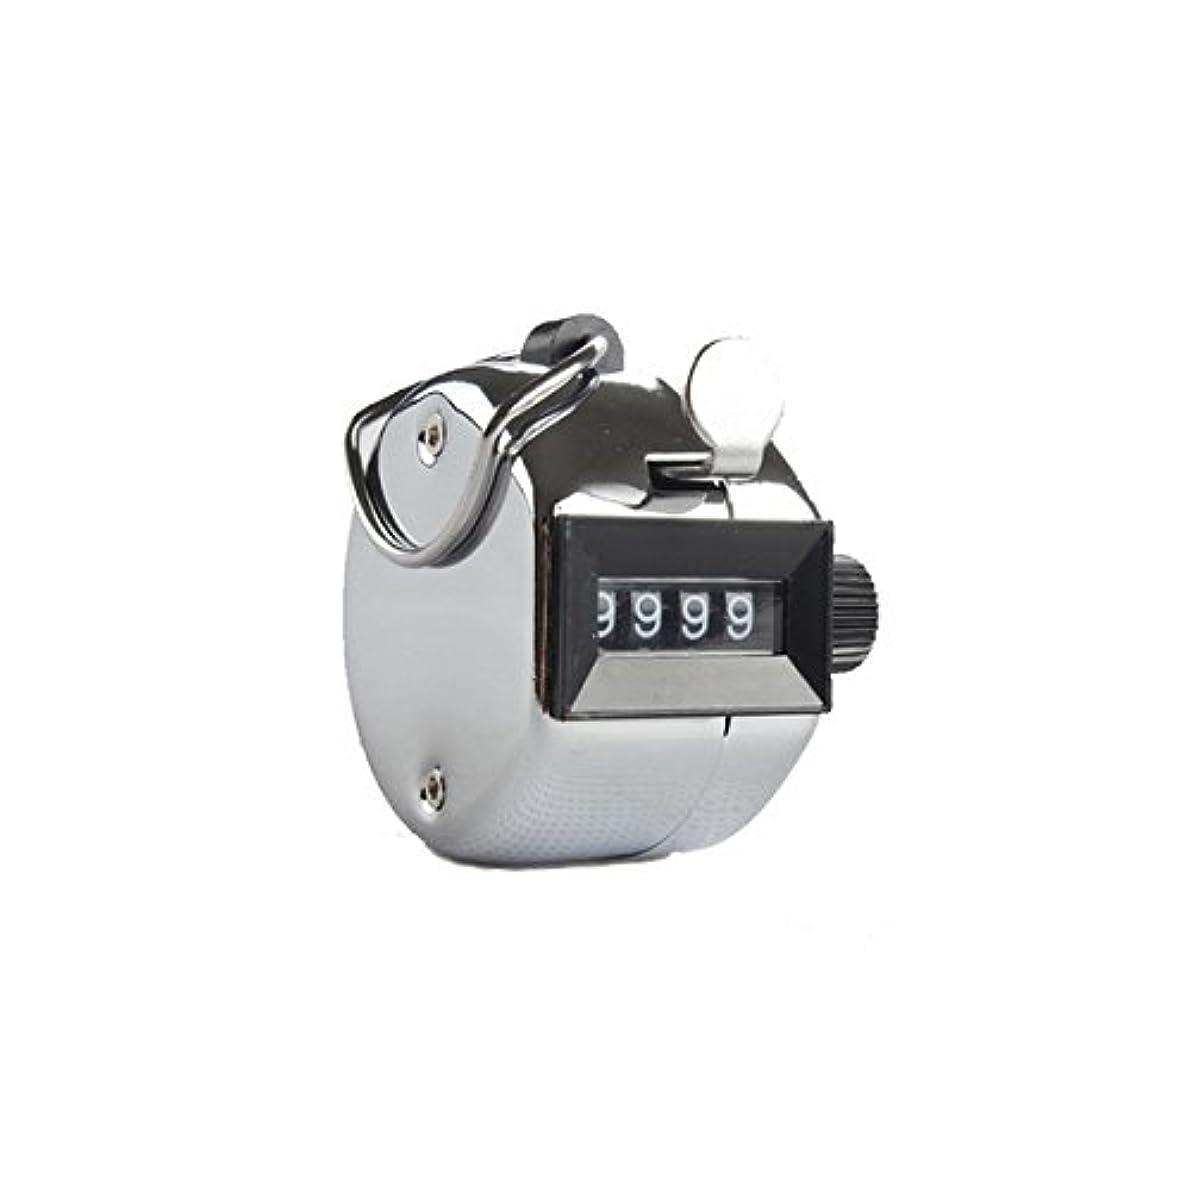 降臨スパイラル脊椎エクステカウンター(シルバー)手持ちホルダー付き 数取器 まつげエクステ用品